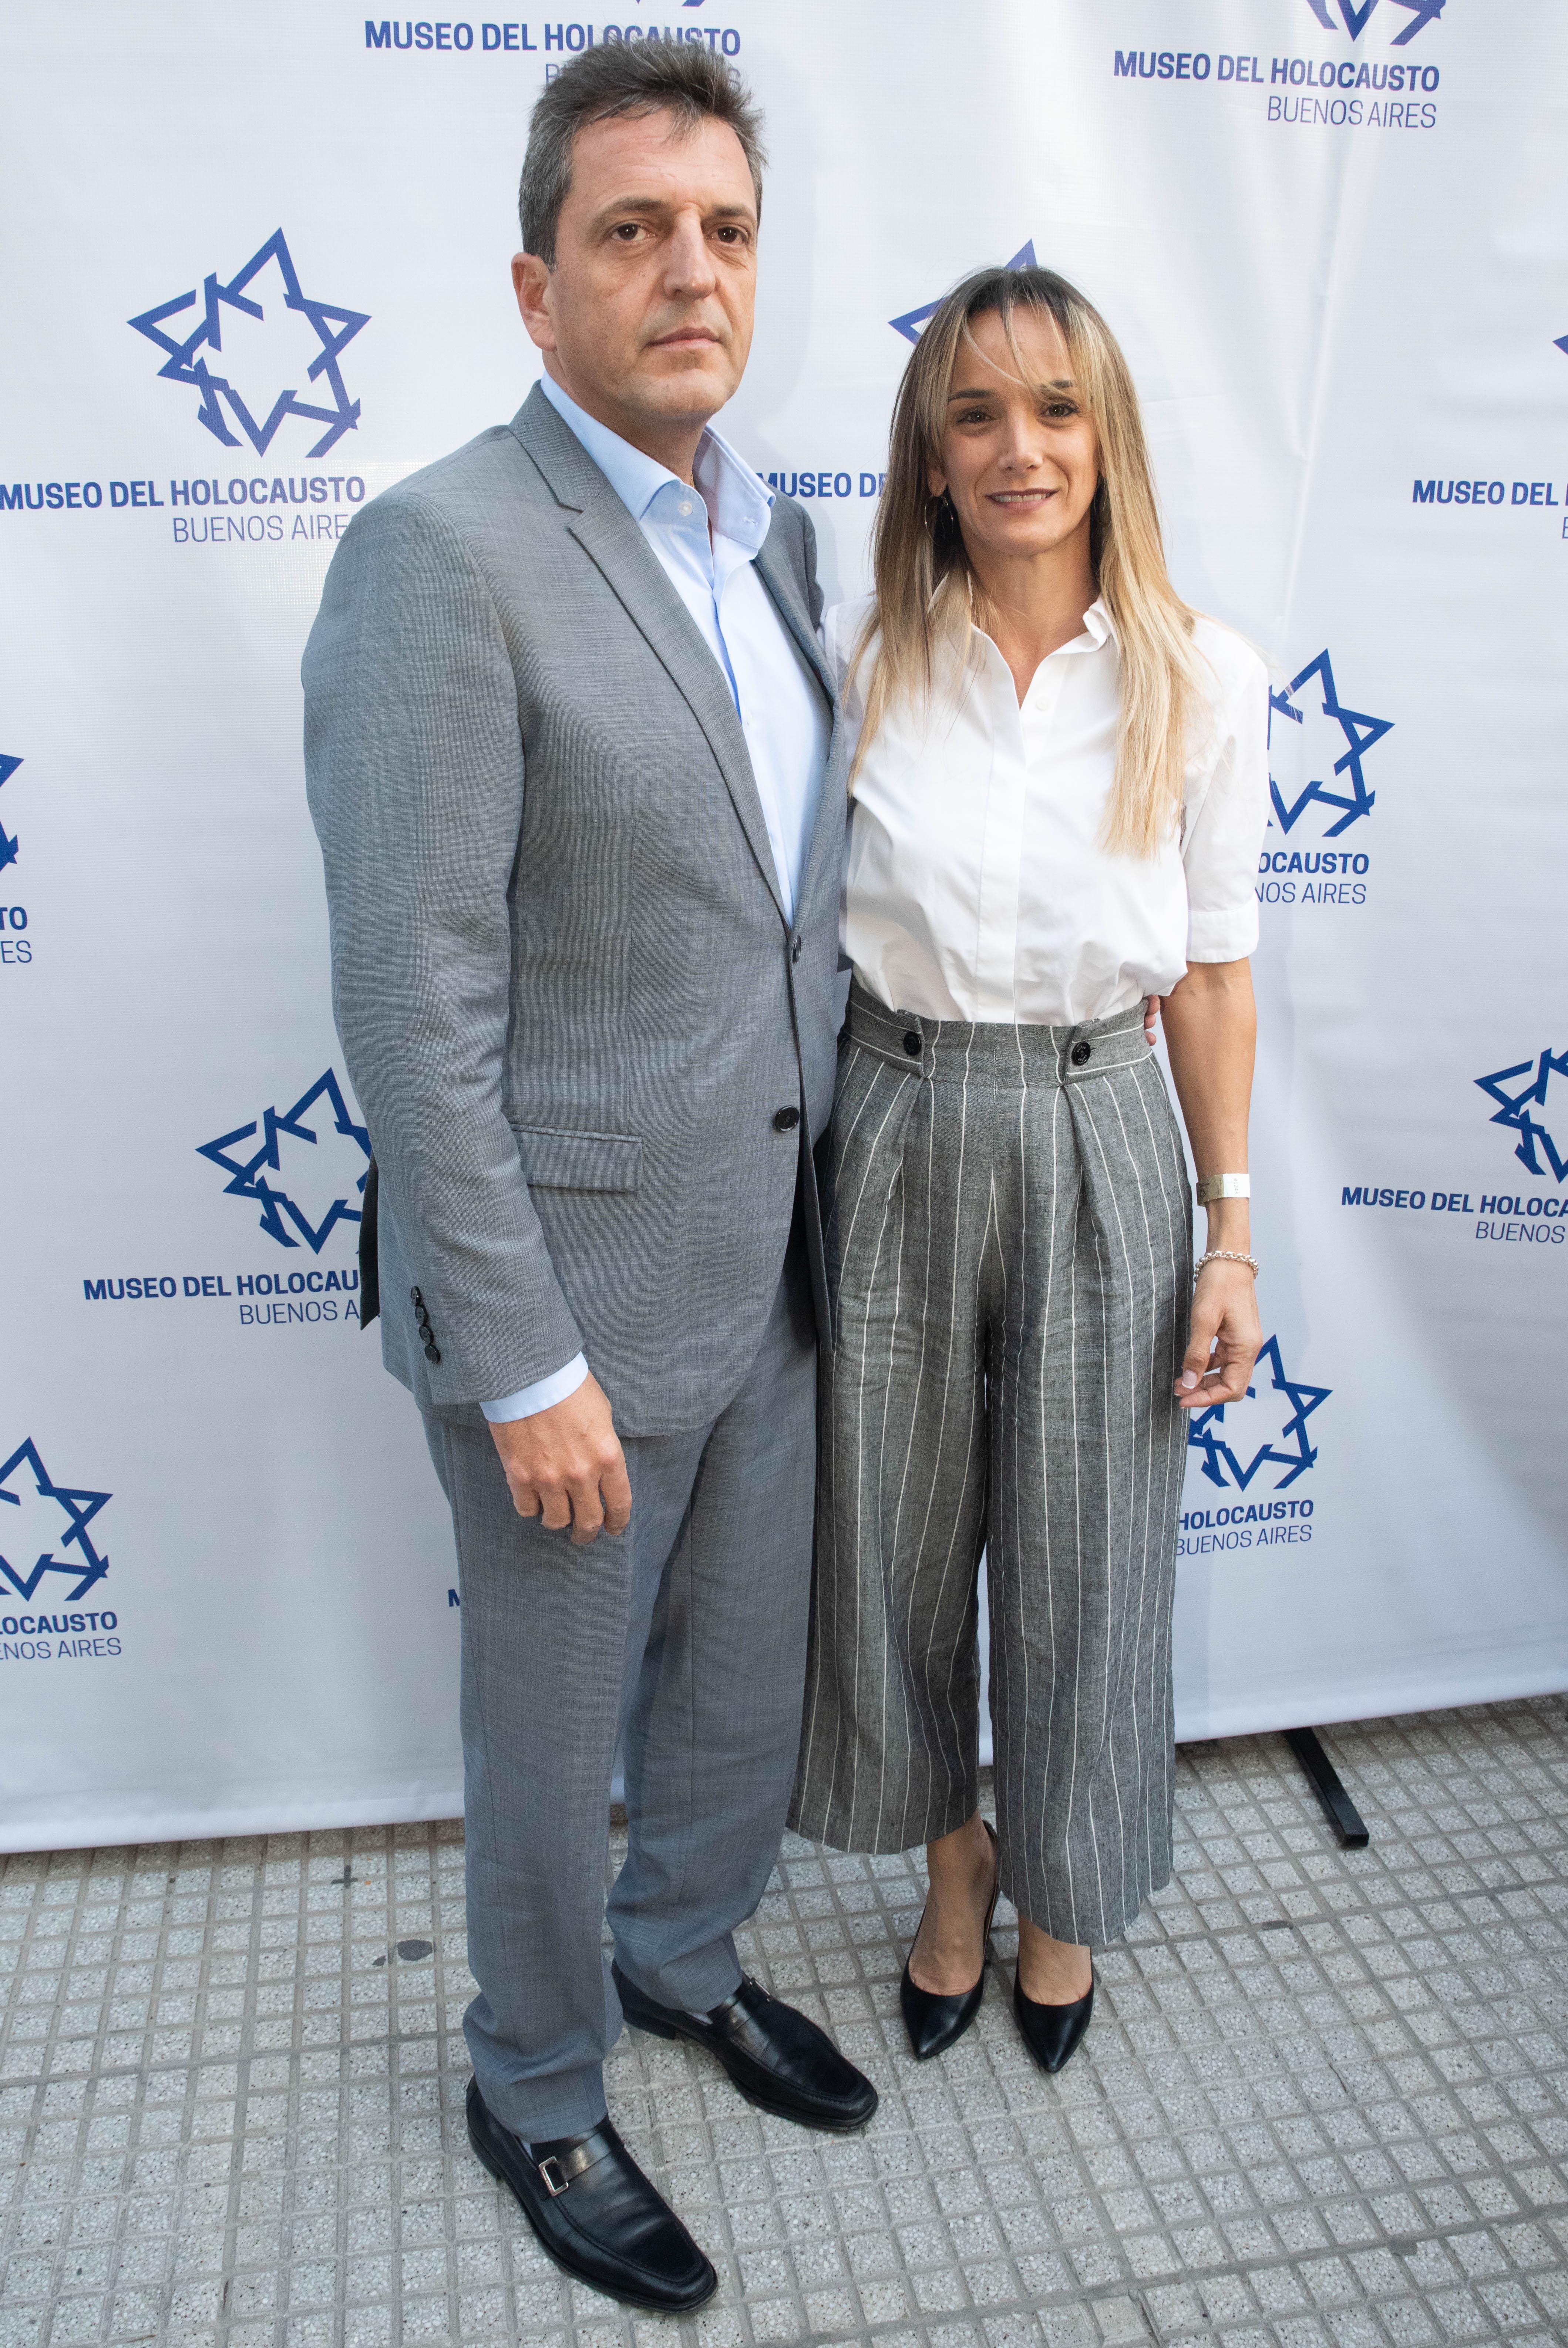 Sergio Massa y Malena Galmarini, la diputada nacional electa por el Frente de Todos